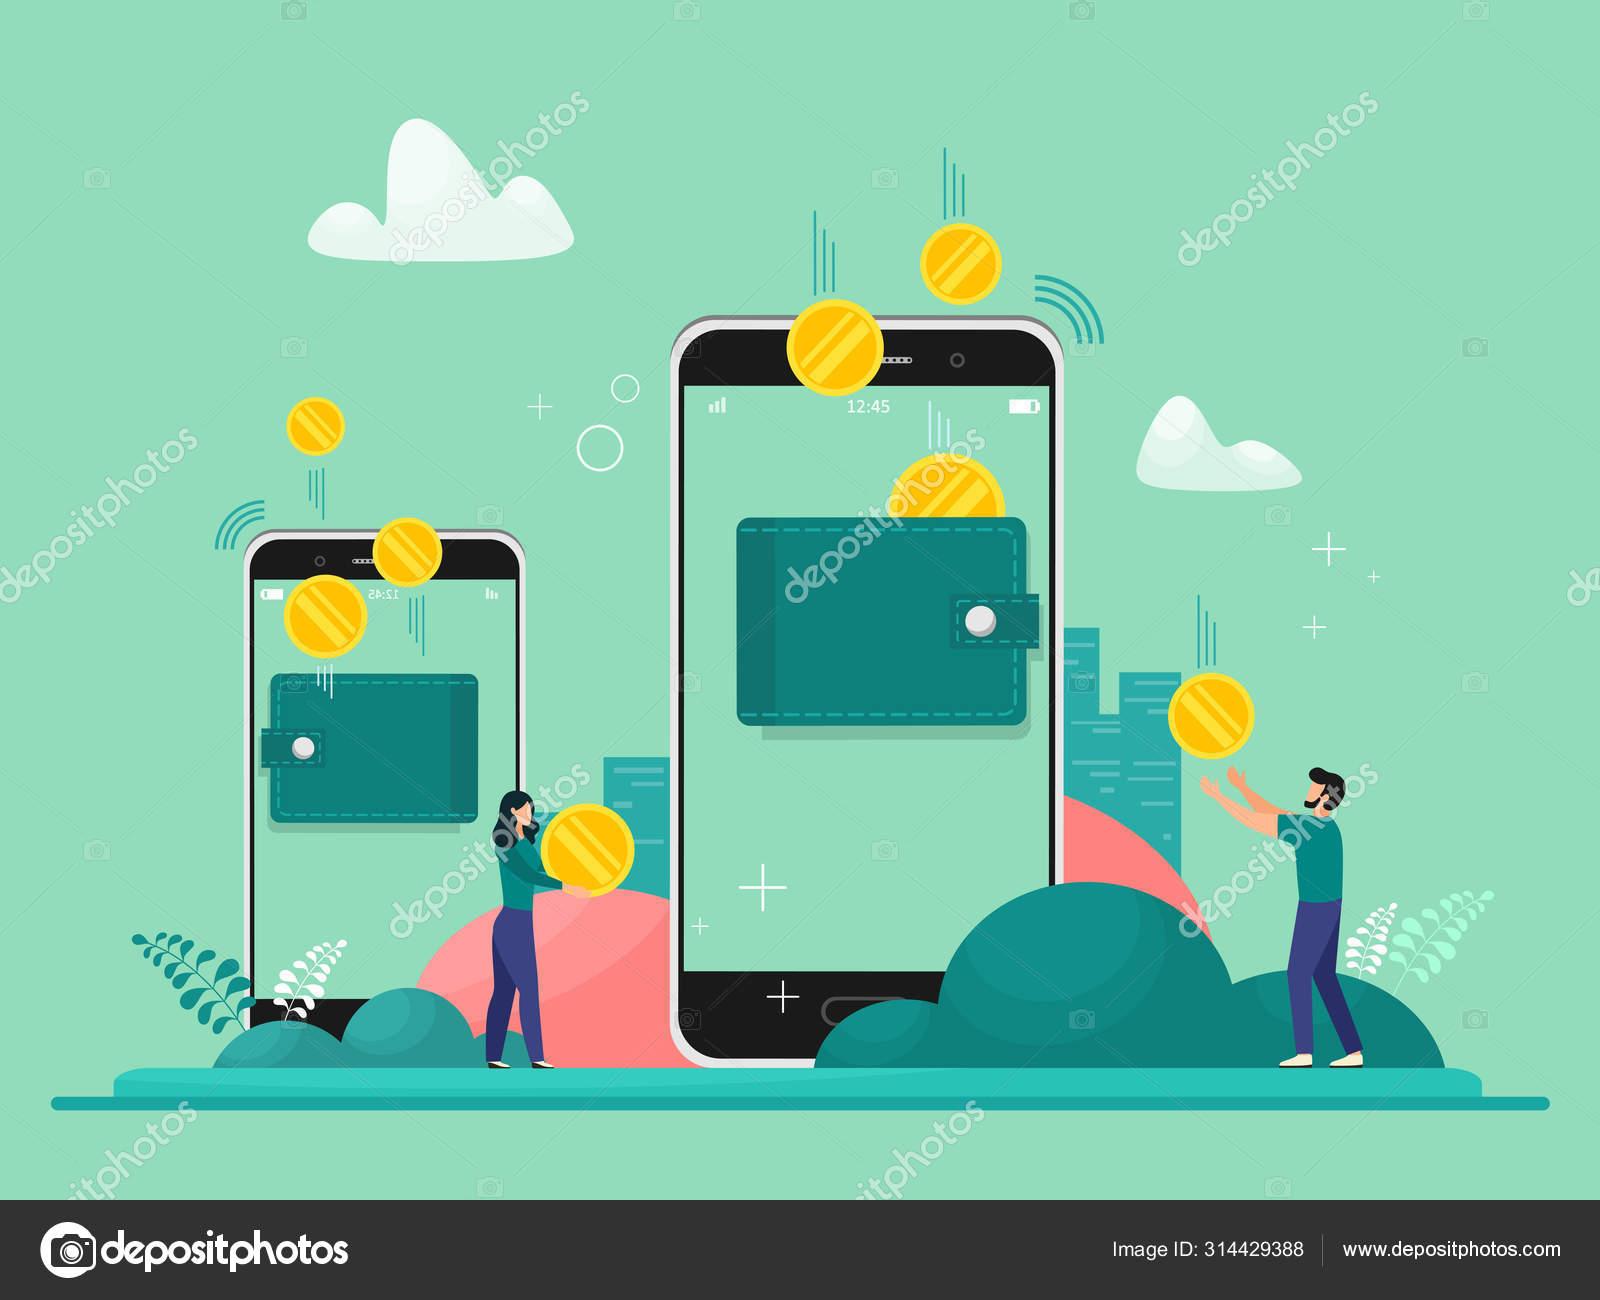 Gambar Uang Koin Kartun Transfer Uang Melalui Ponsel Seluruh Dunia Gambar Vektor Koin Dan Stok Vektor C Ekaterinasun 314429388